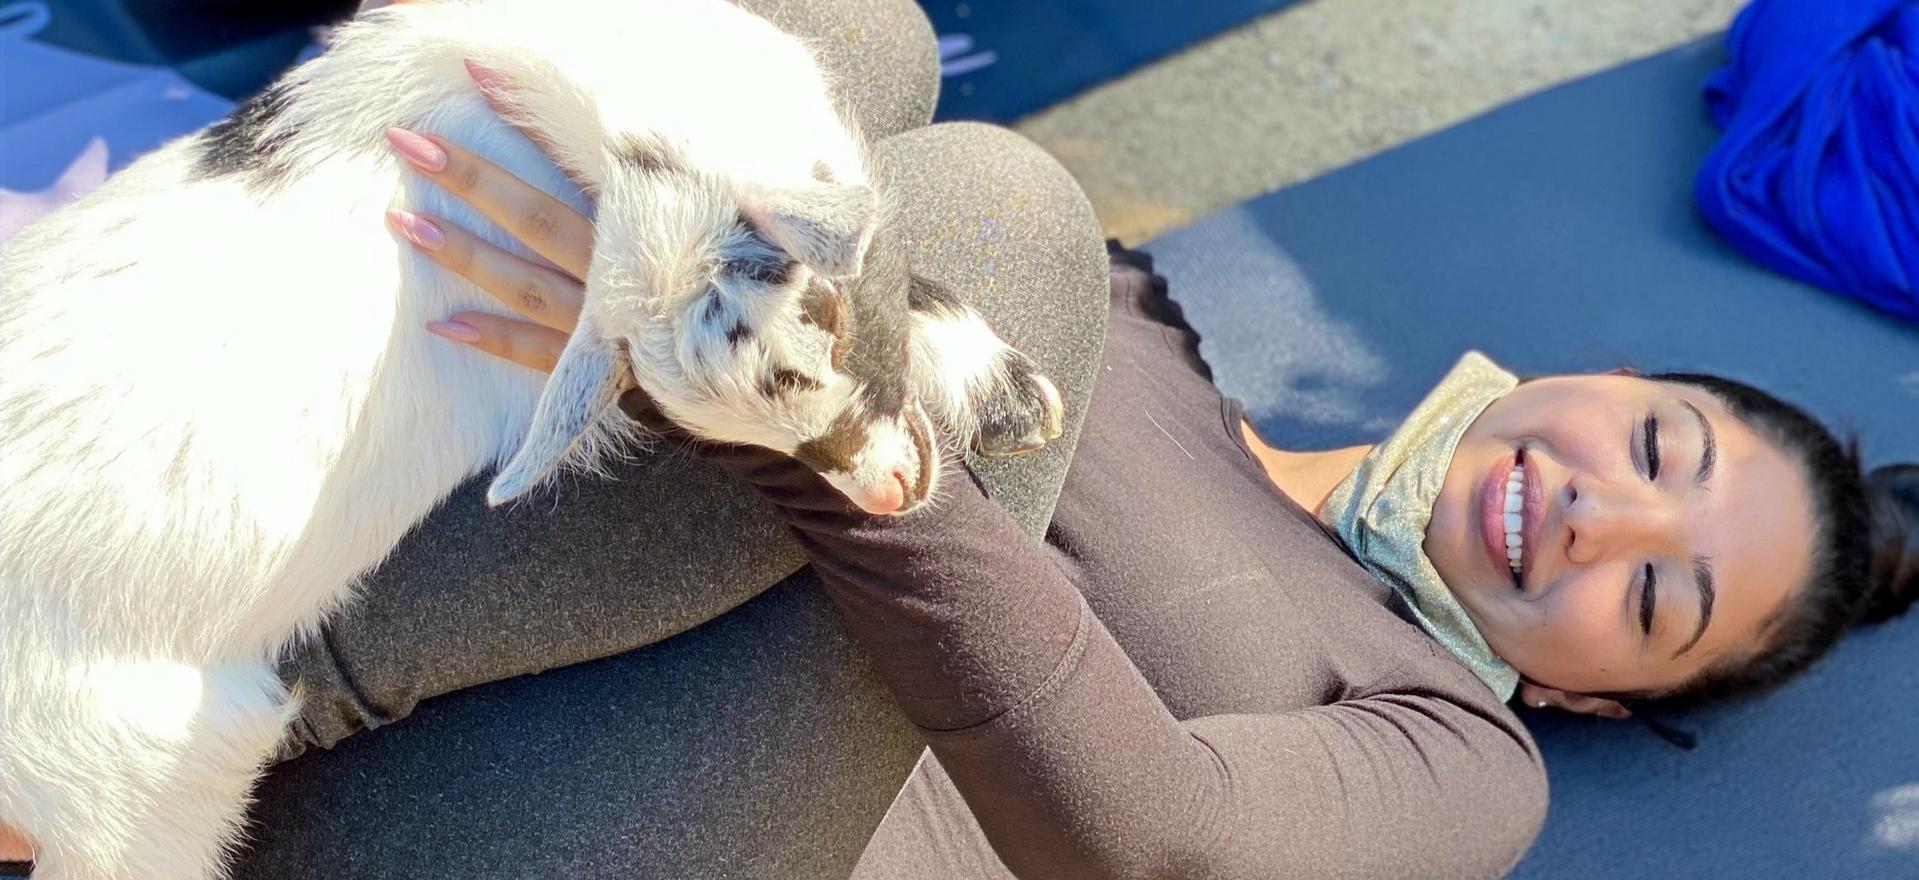 Baby Goat Pose with Buckeye